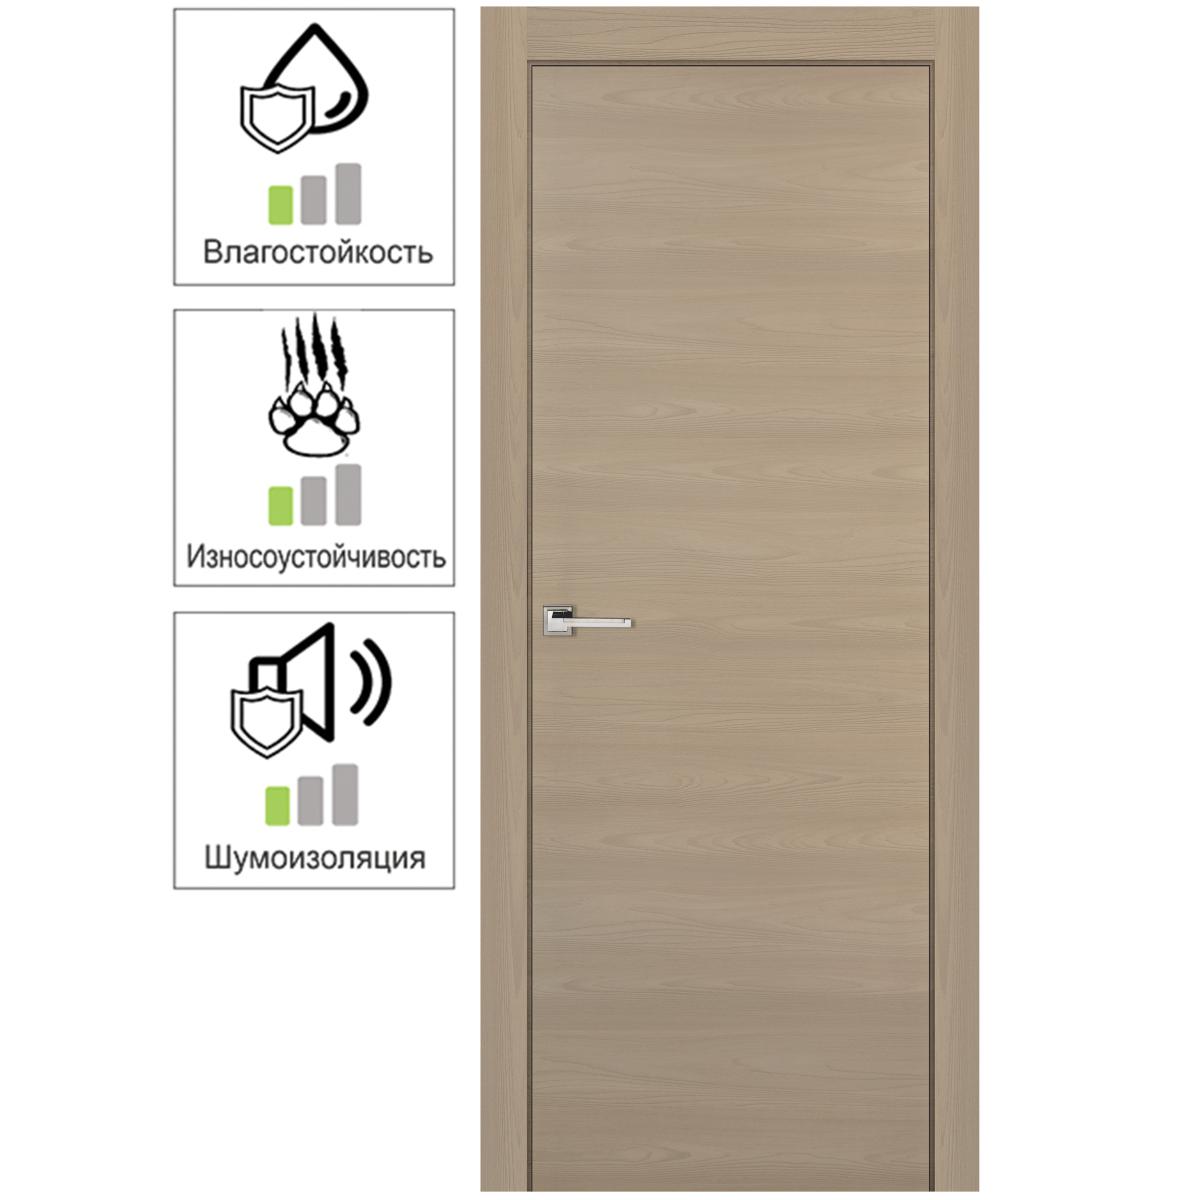 Дверь межкомнатная глухая 70x200 см ламинация цвет ясень коричневый